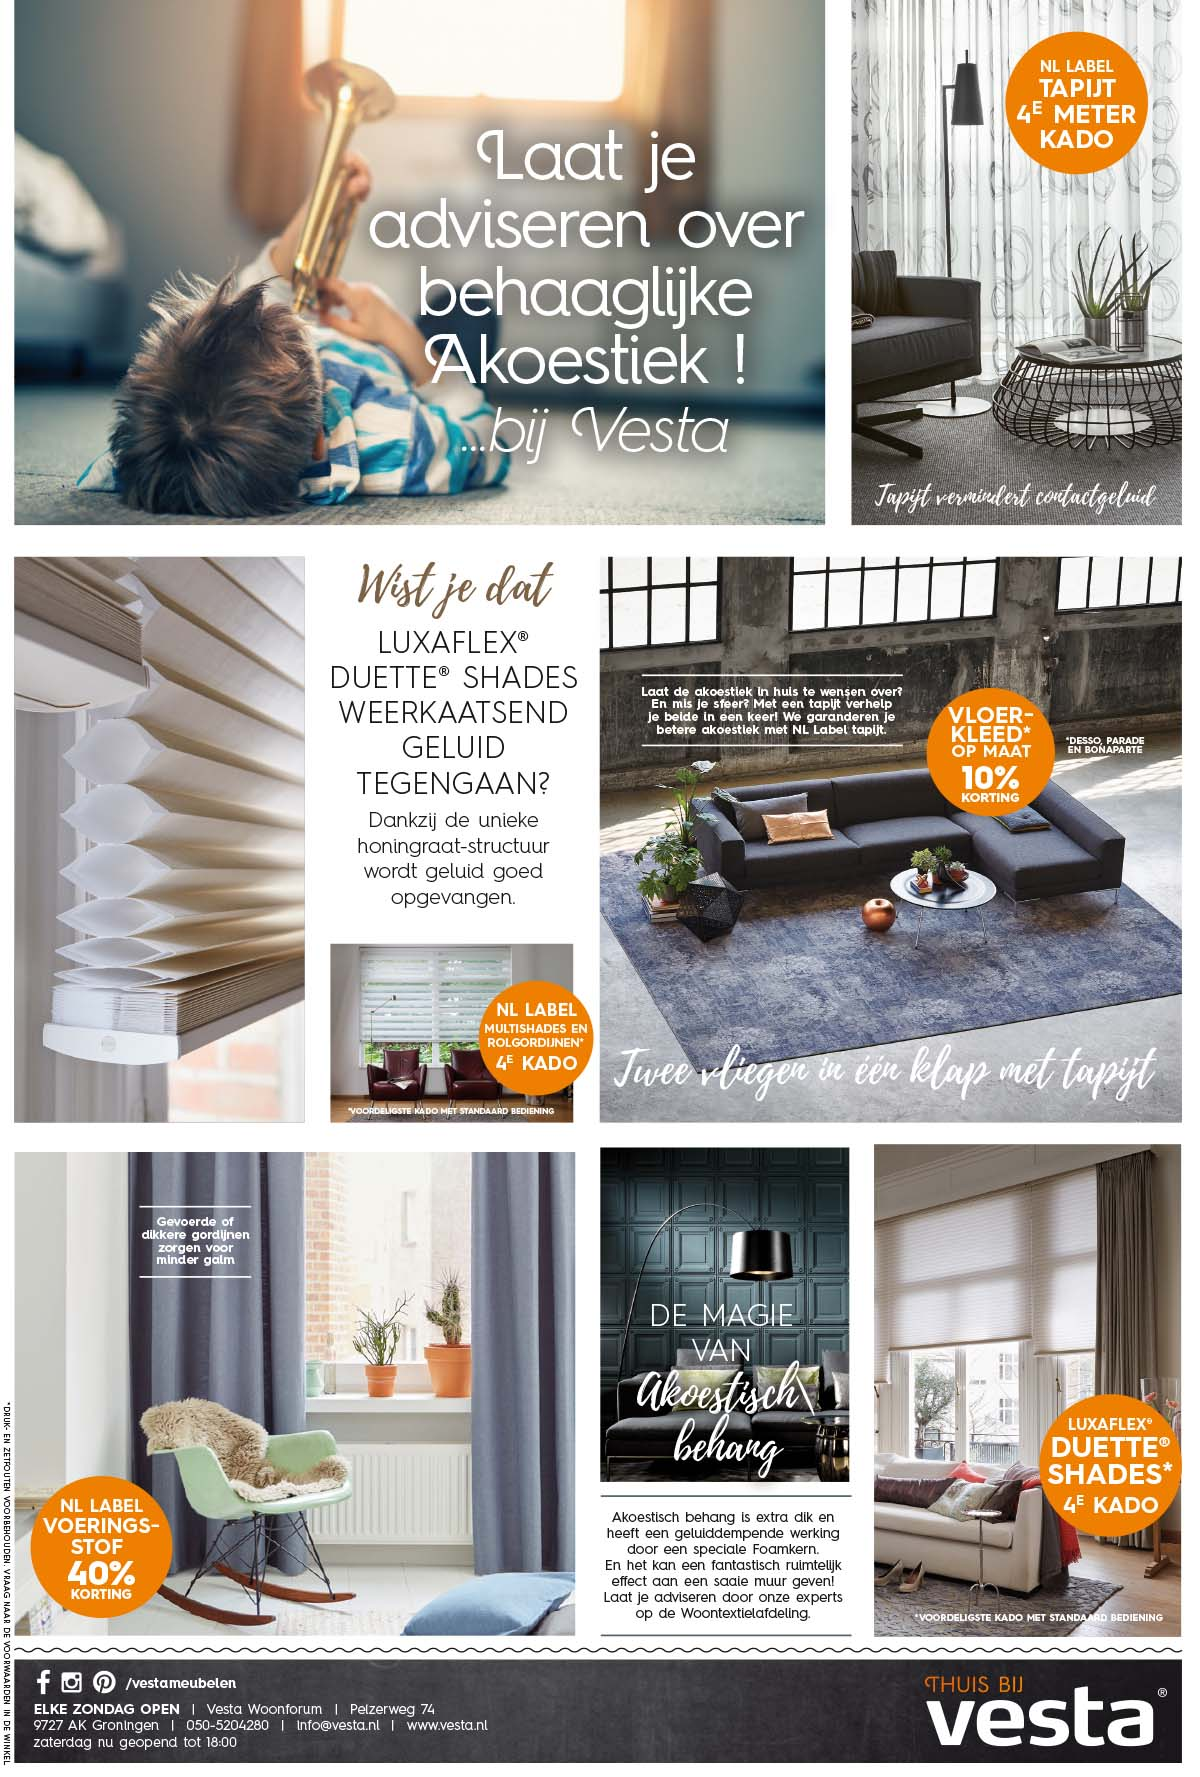 Advertenties en ontwerp voor Vesta Groningen | Schriever design en concept